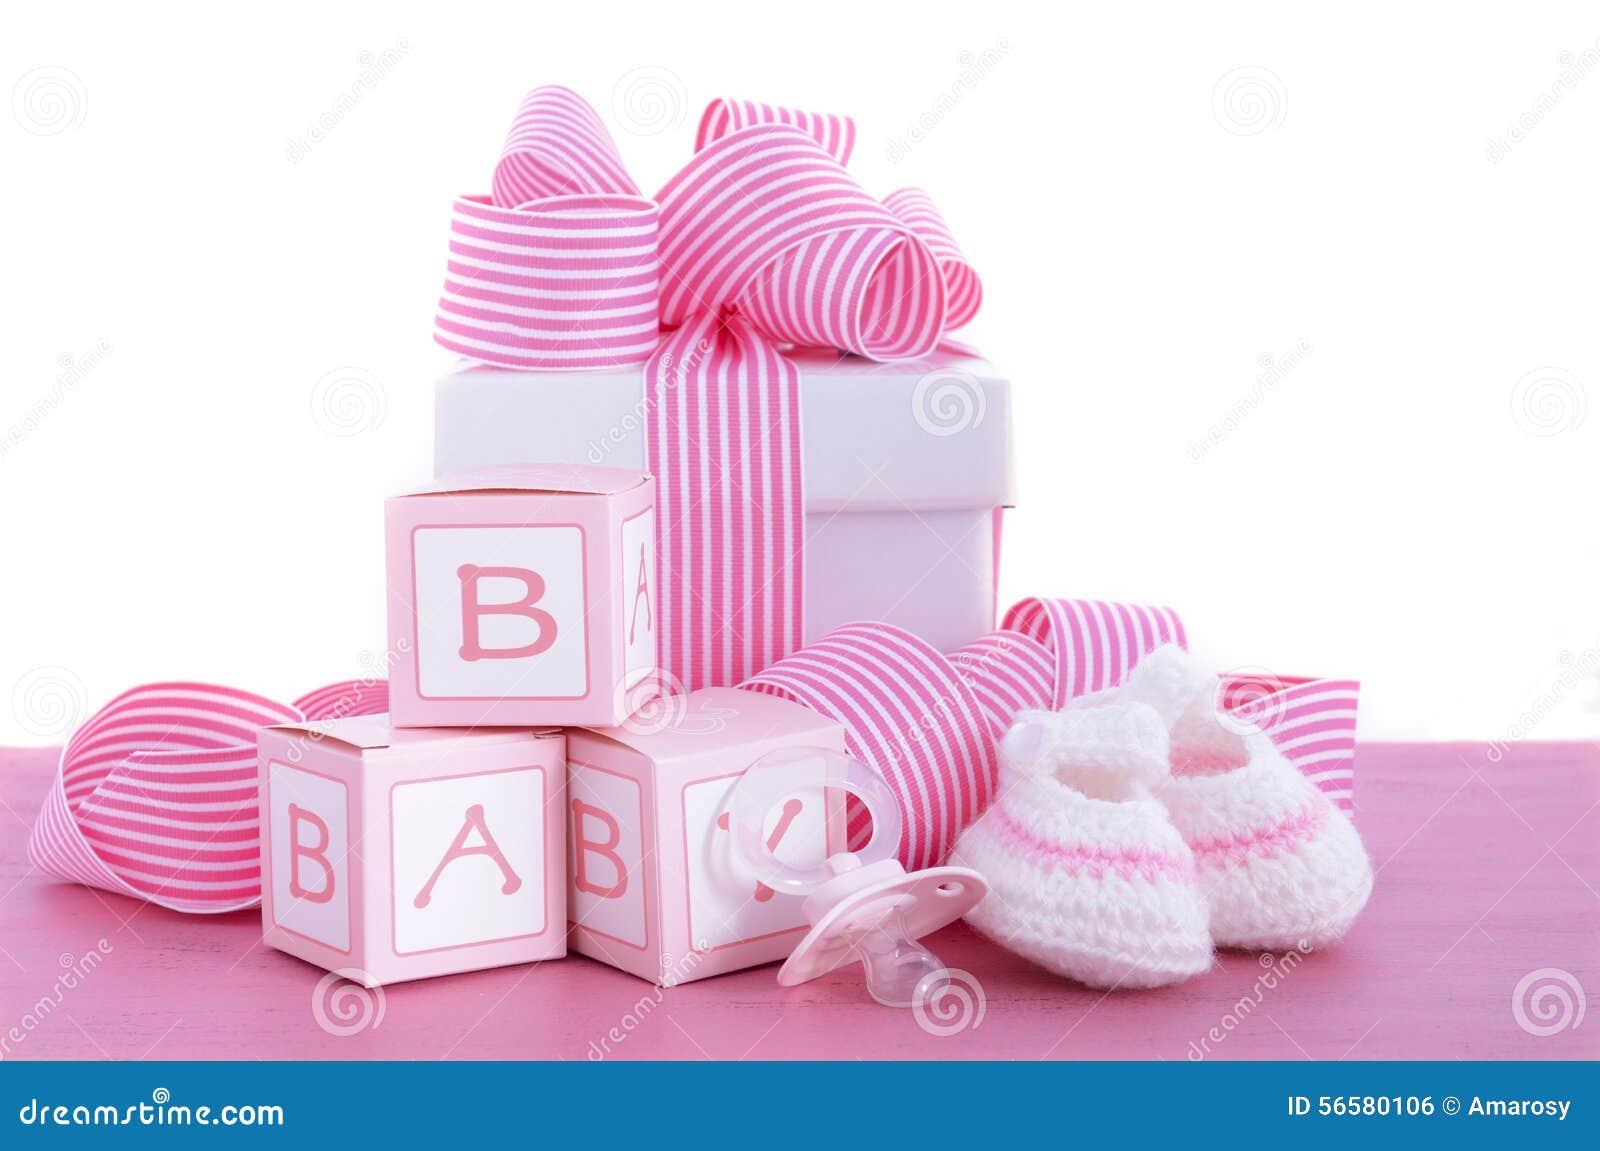 它的婴儿送礼会女孩桃红色礼物